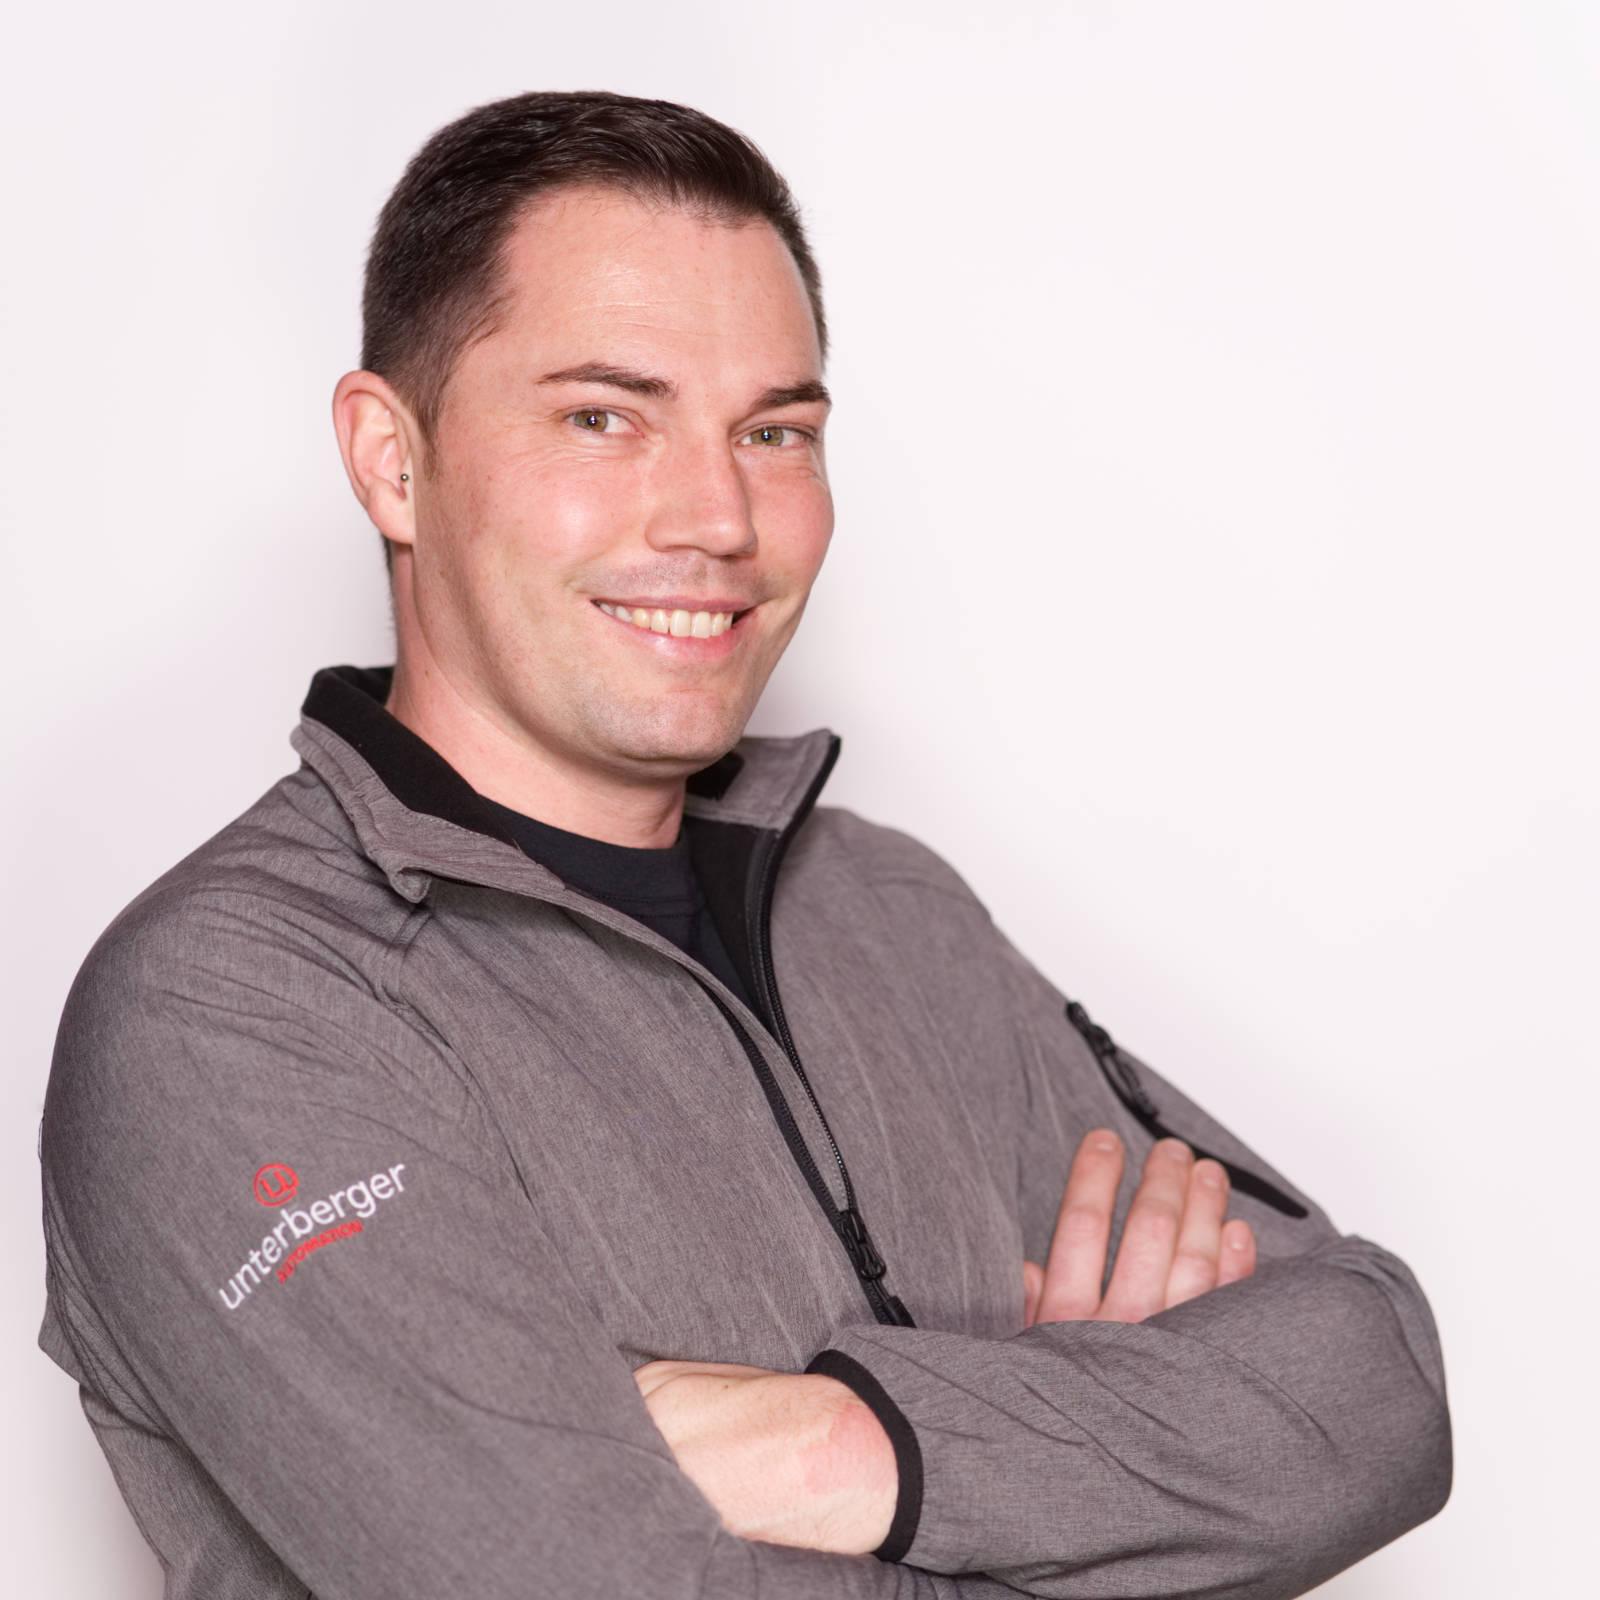 Aaron-Erhart-Unterberger-GmbH